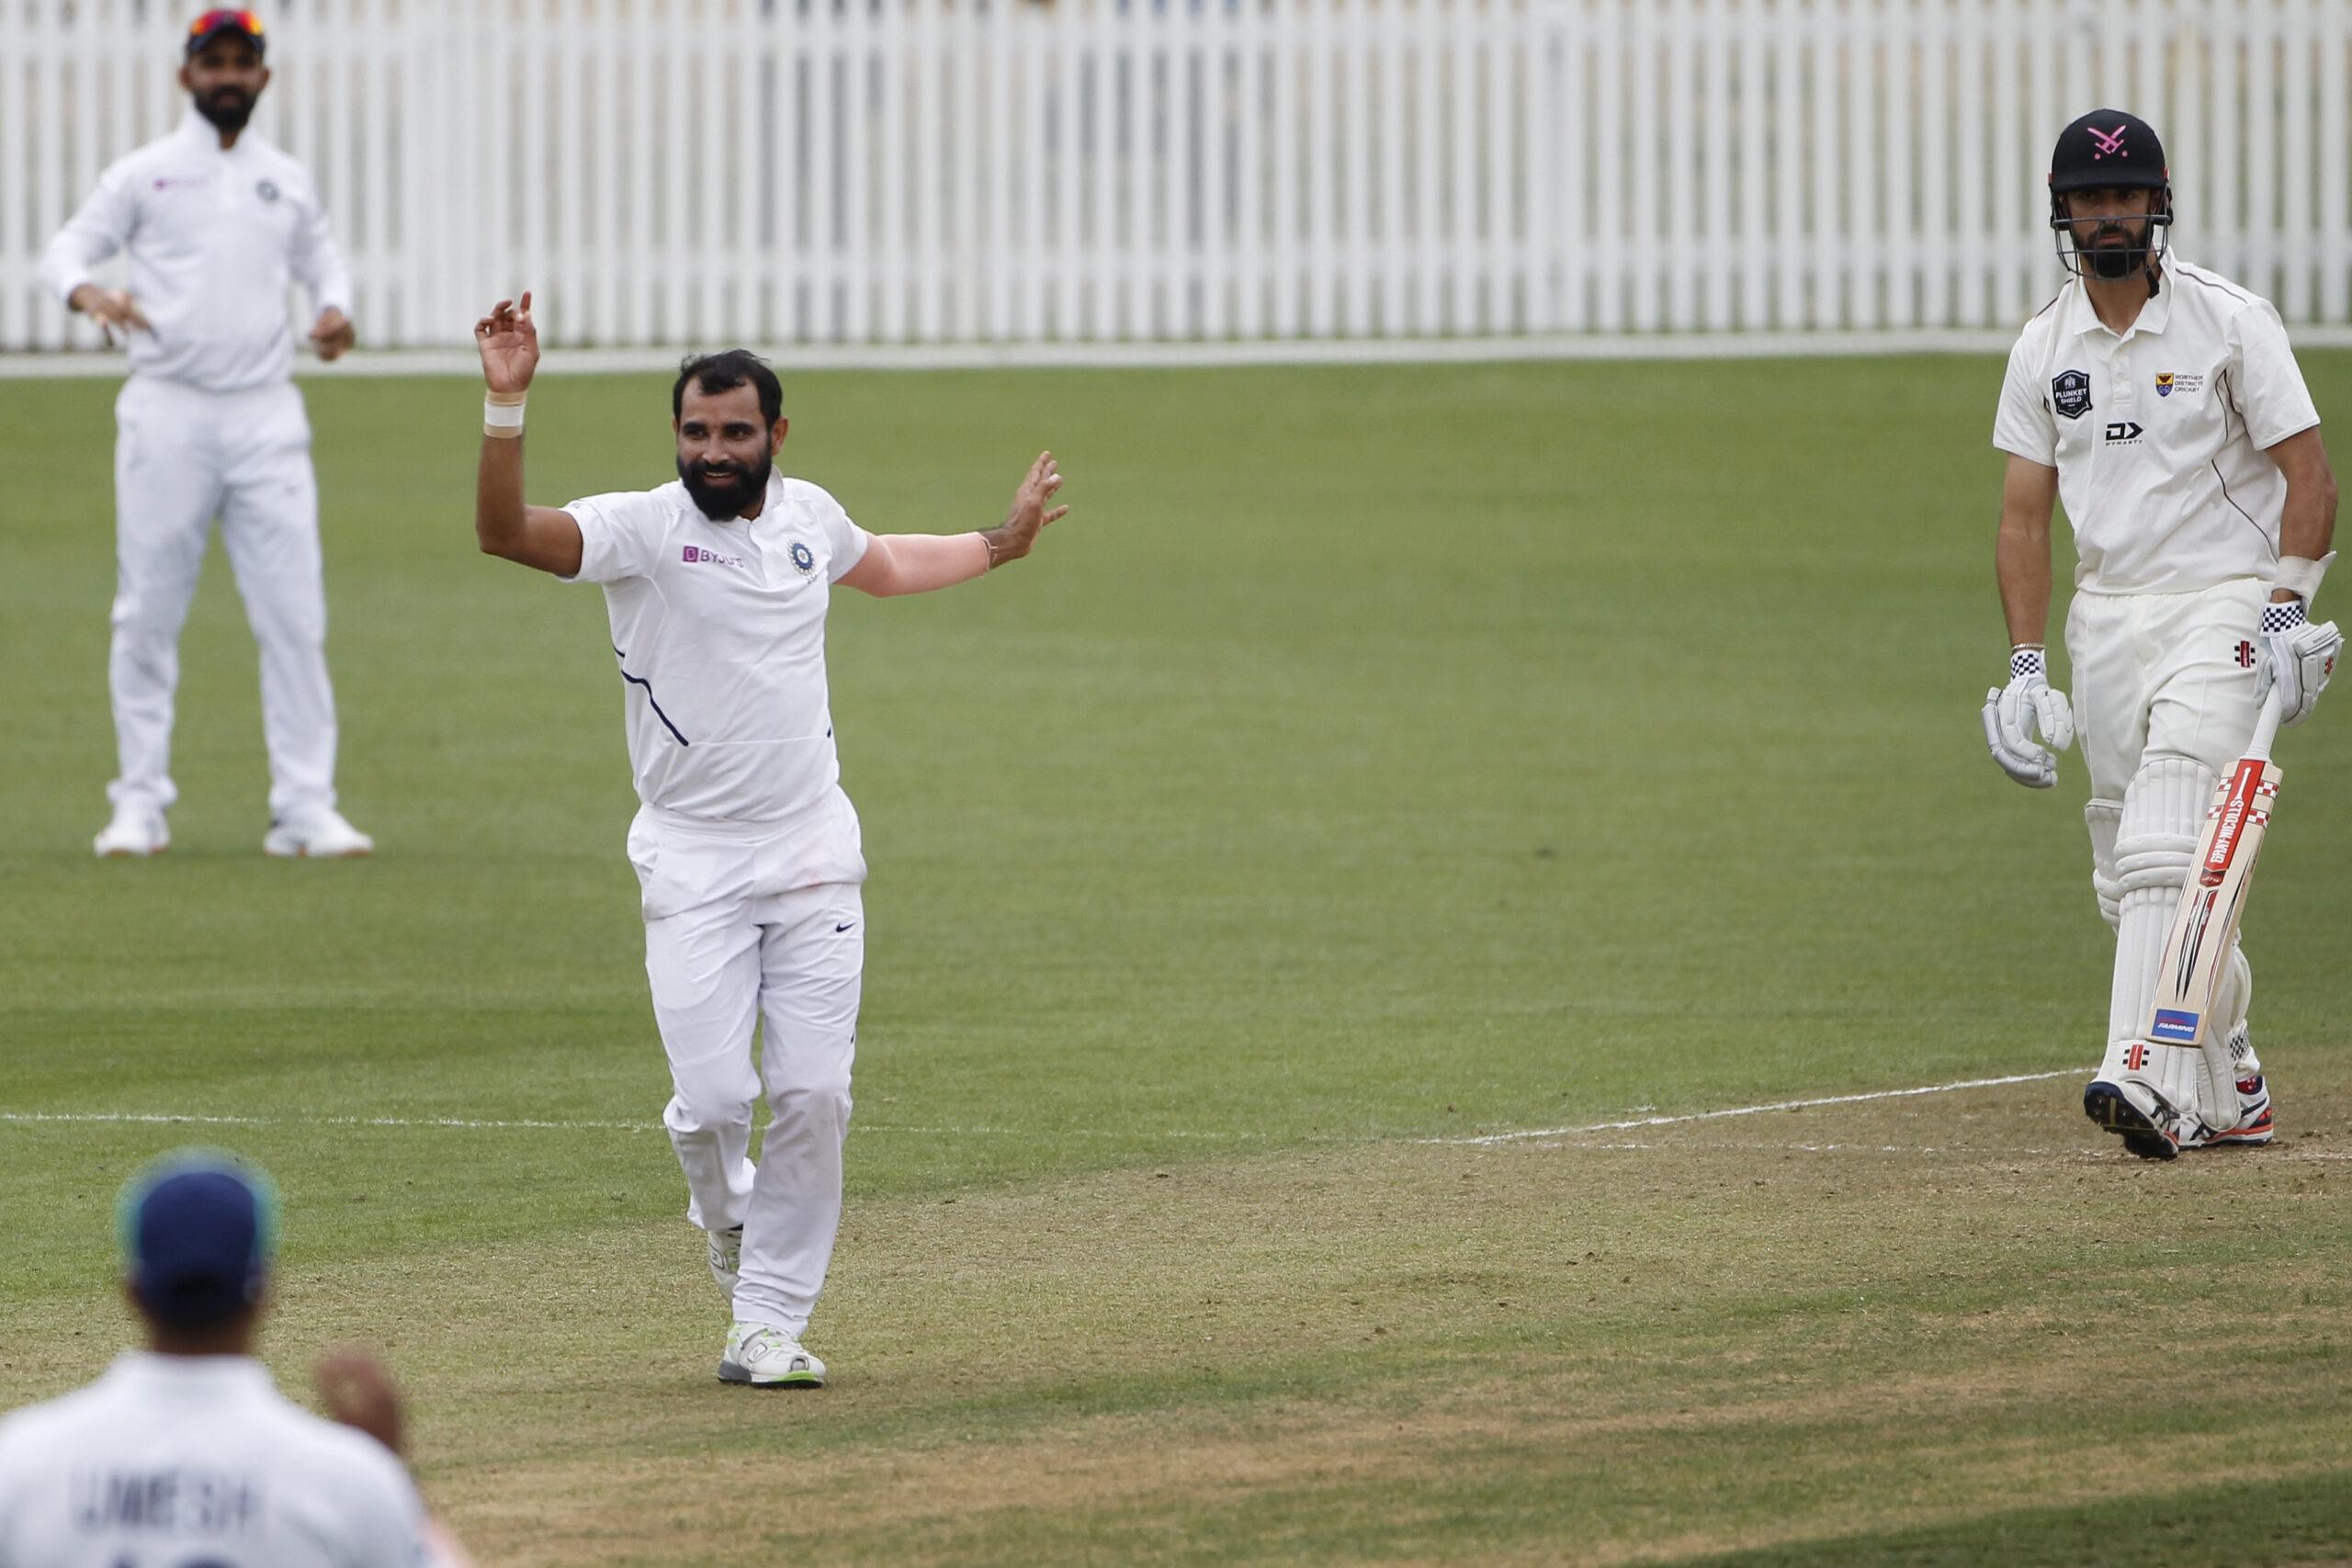 NZ XI vs IND: ভারতীয় দলের বোলাররা এনে দিলেন লীড, দ্বিতীয় ইনিংসে ওপেনারদের বিস্ফোরক শুরু 4